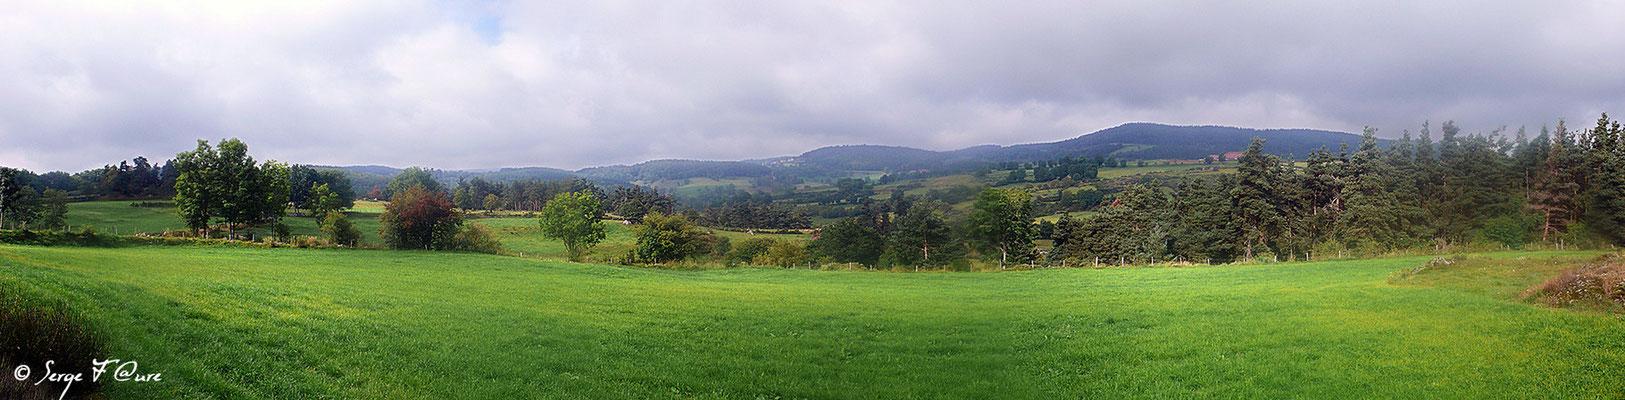 En allant vers Le Falzet - France - Sur le chemin de St Jacques de Compostelle (santiago de compostela) - Le Chemin du Puy ou Via Podiensis (variante par Rocamadour)